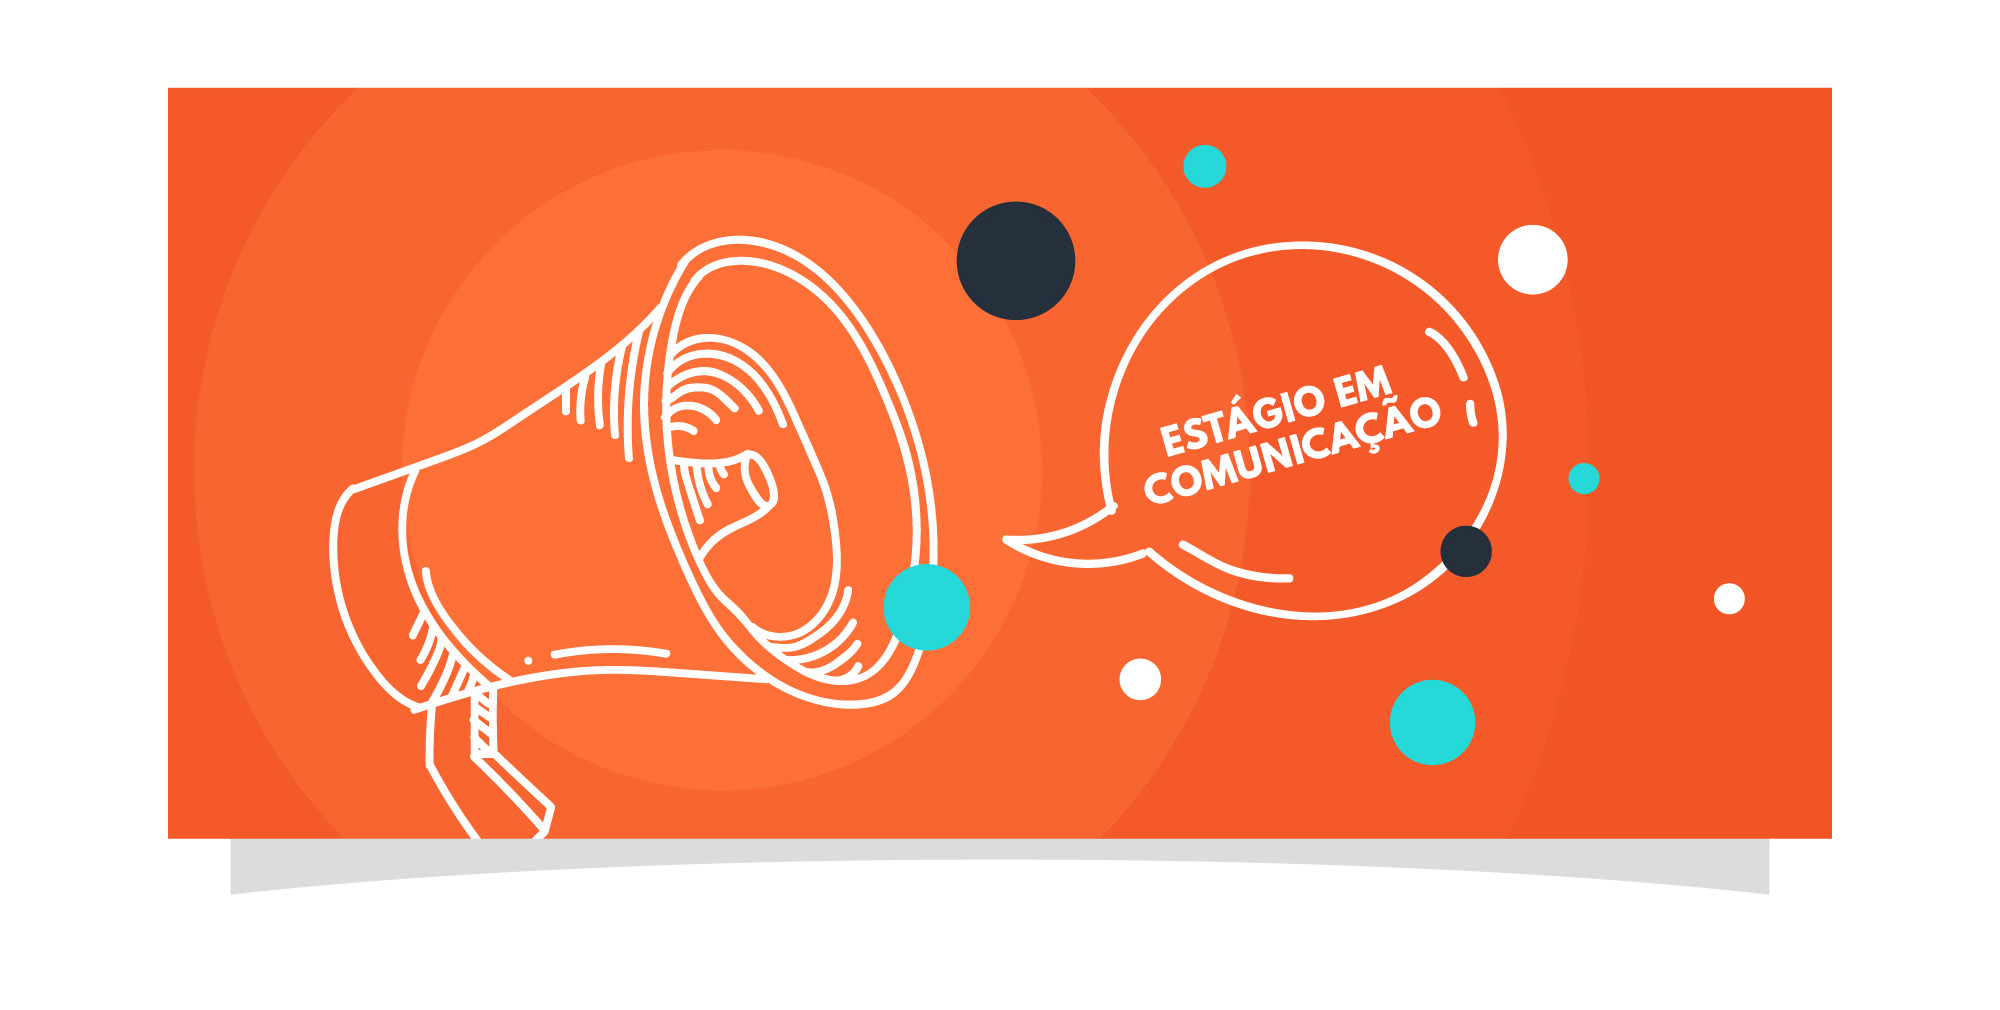 Prorrogado o prazo para inscrição no processo seletivo para vaga de estágio em Comunicação Social